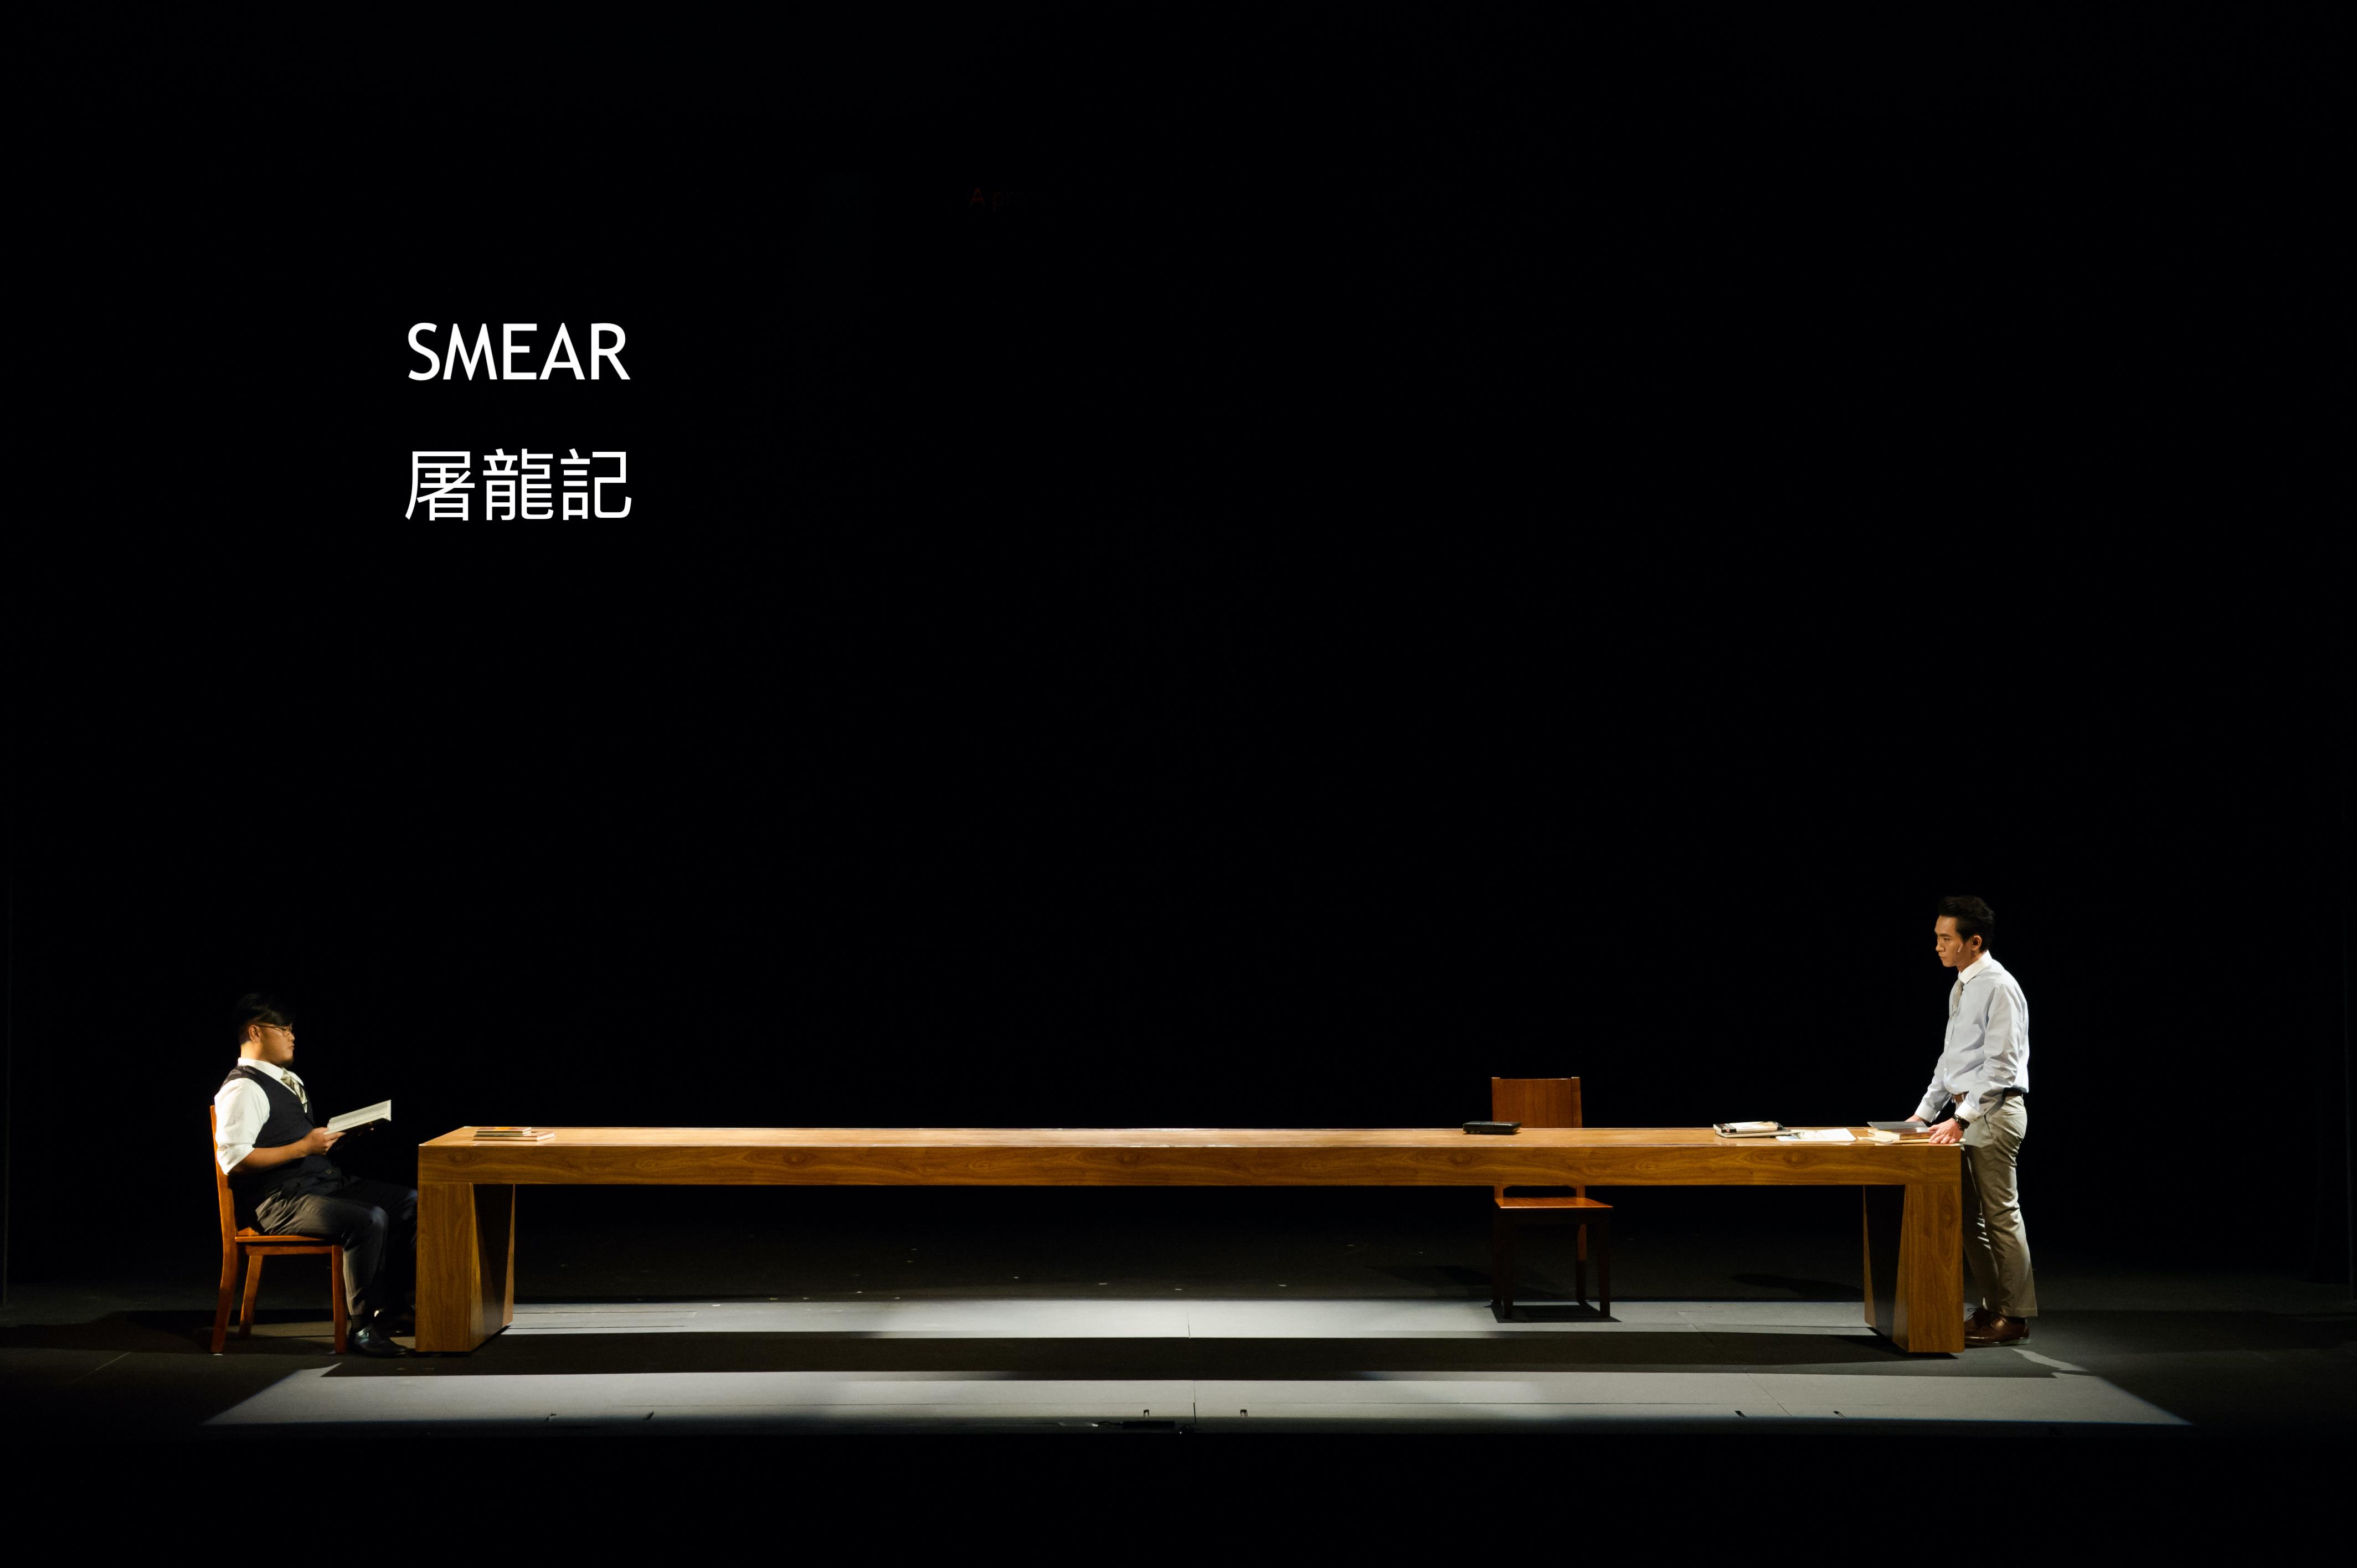 Smear_屠龍記_013_1